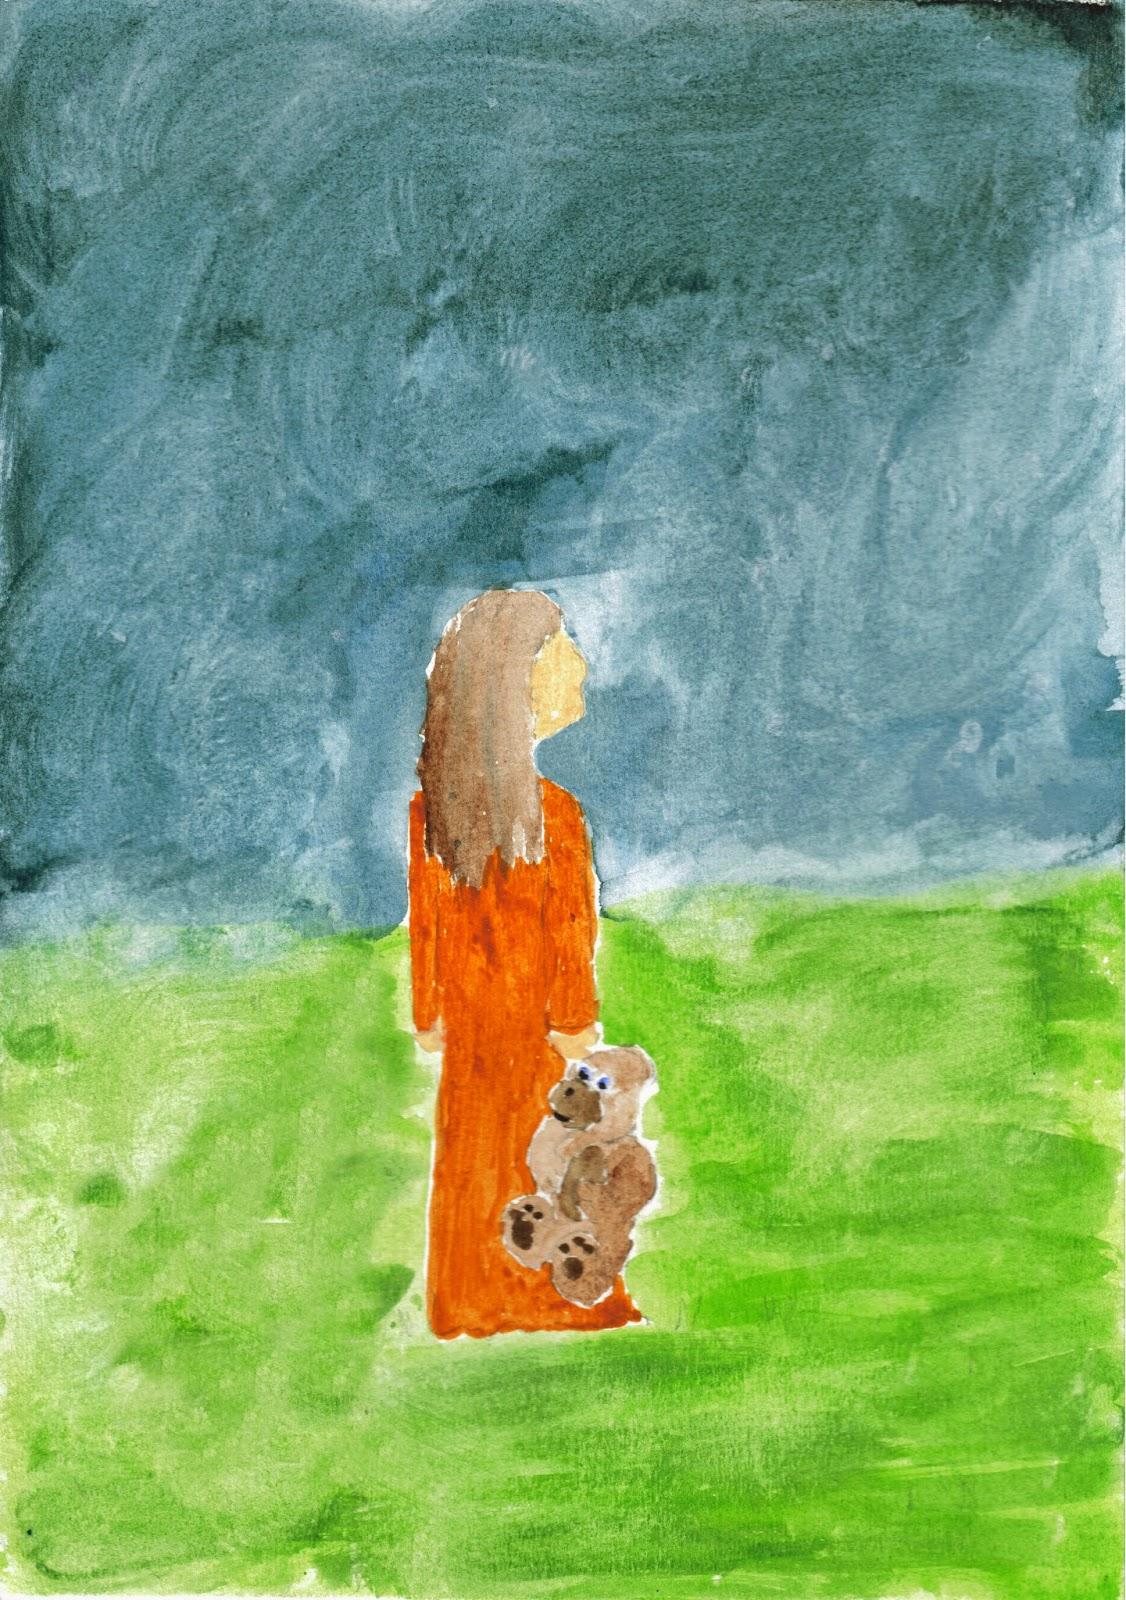 child, sky at night, gaze, wonder, God